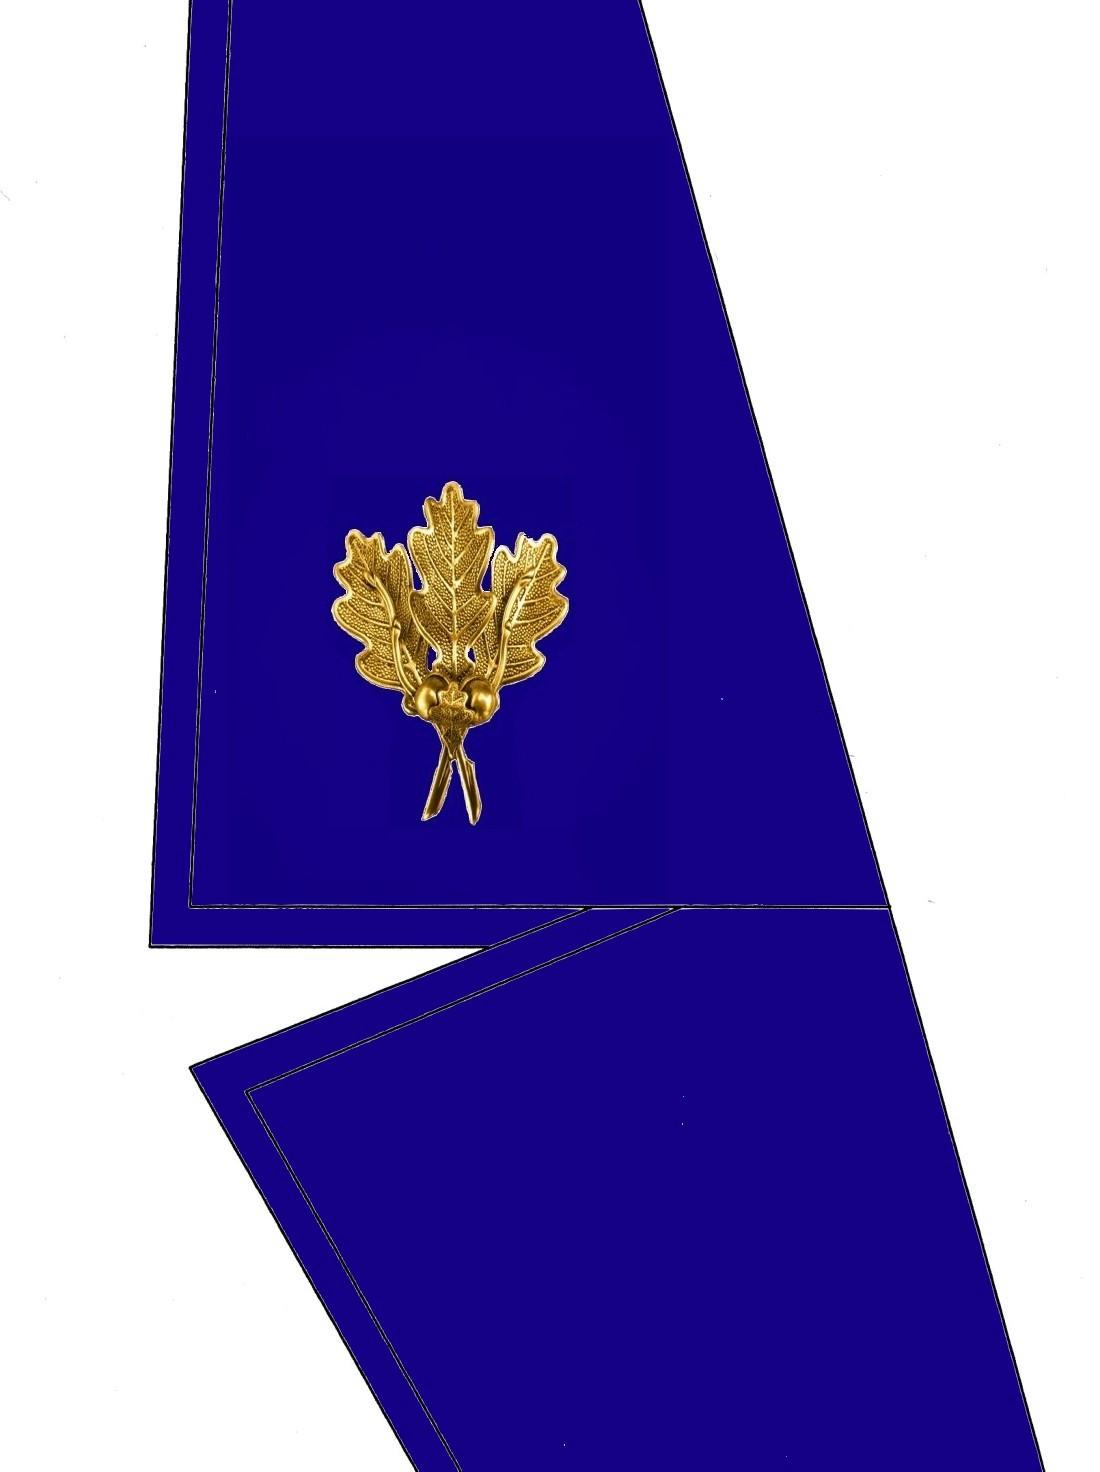 0102-kragen-rangabzeichen-delegierter-hg-blau